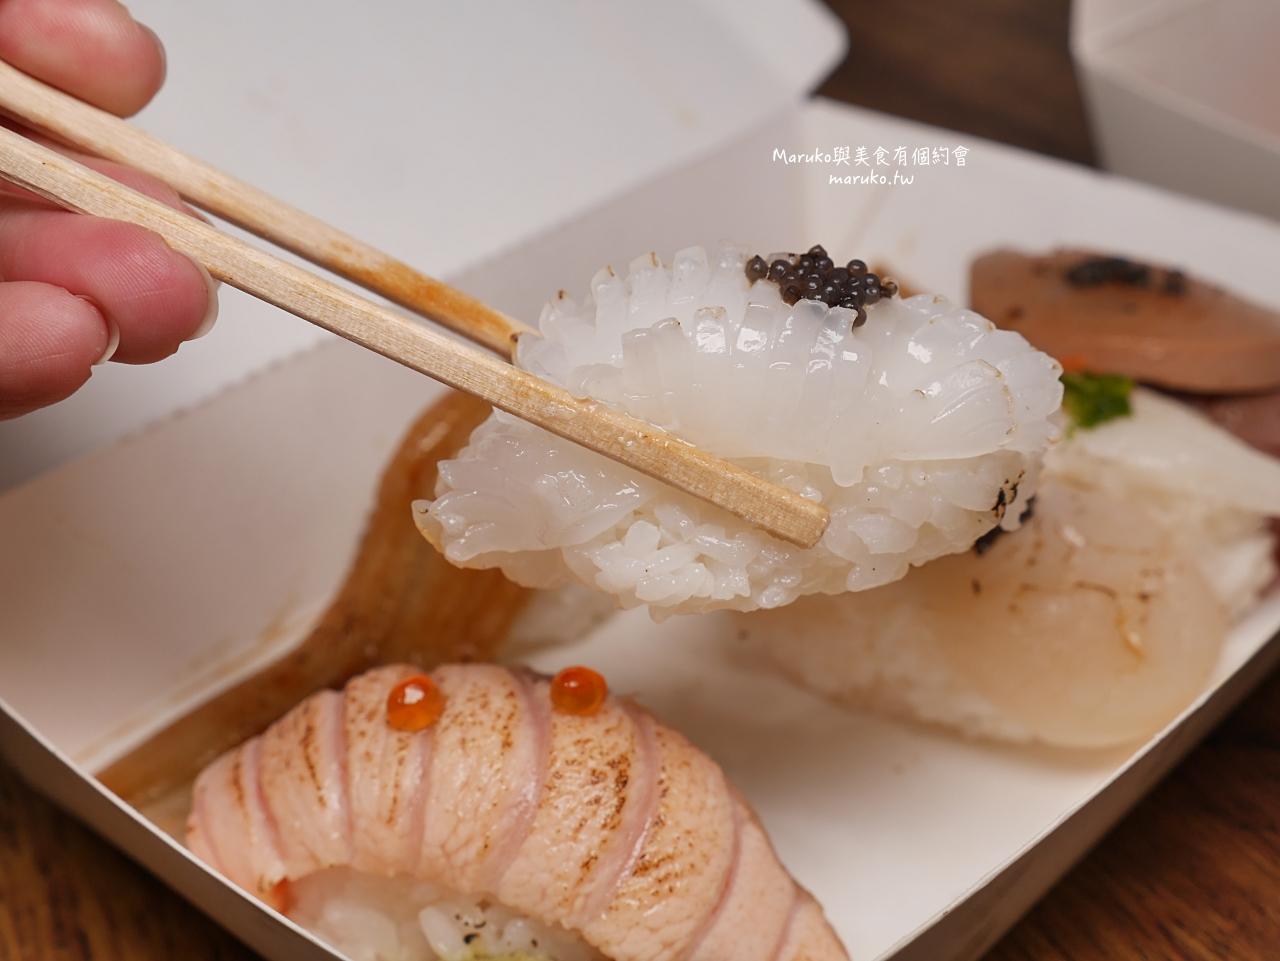 【台北】狗一下居酒屋 馬辣旗下居酒屋握壽司 生魚丼全品項6折(不含酒水) @Maruko與美食有個約會